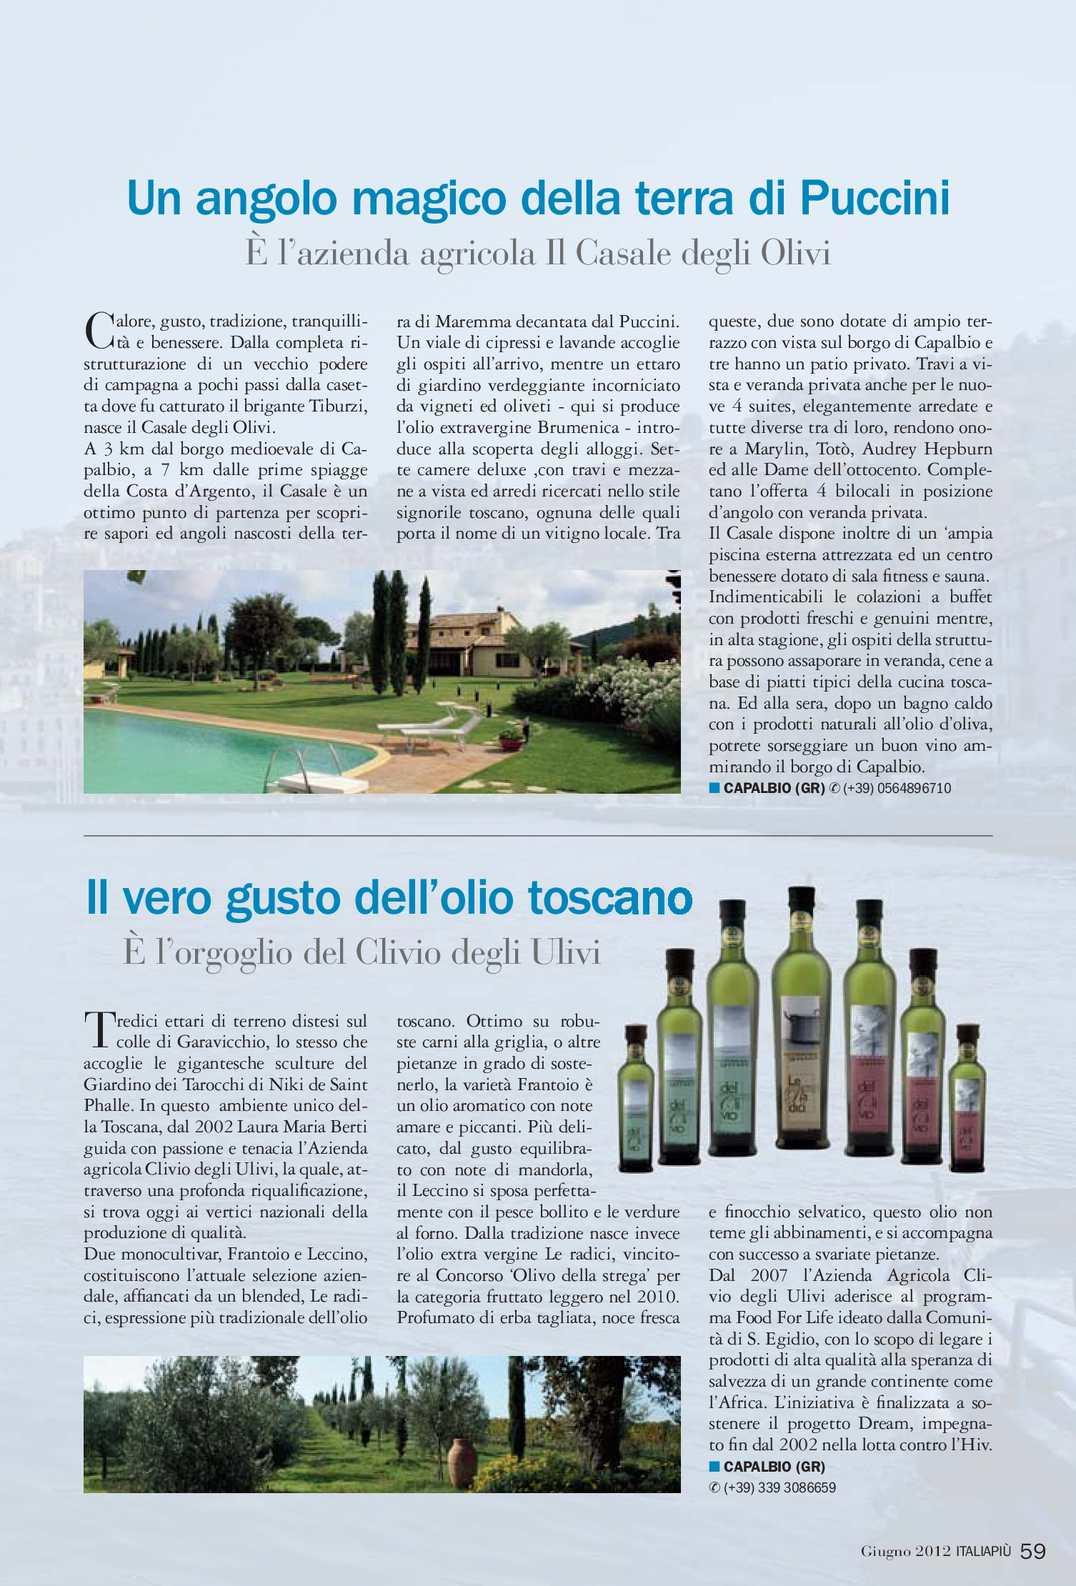 Azienda Agricola Porta Magenta italiapiù giugno 2012 - calameo downloader